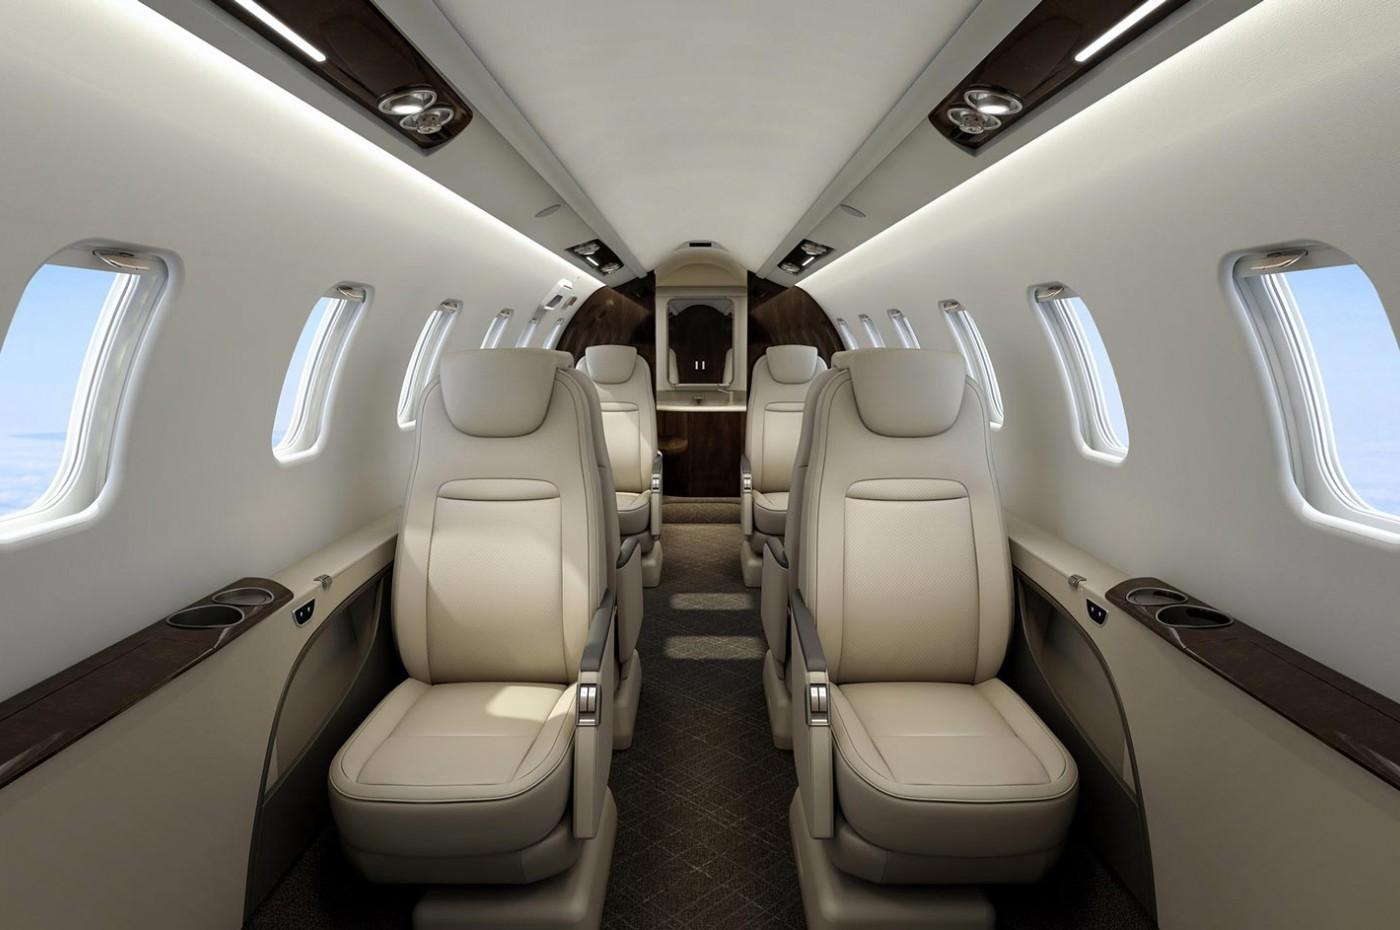 Learjet 75 Liberty forward cabin